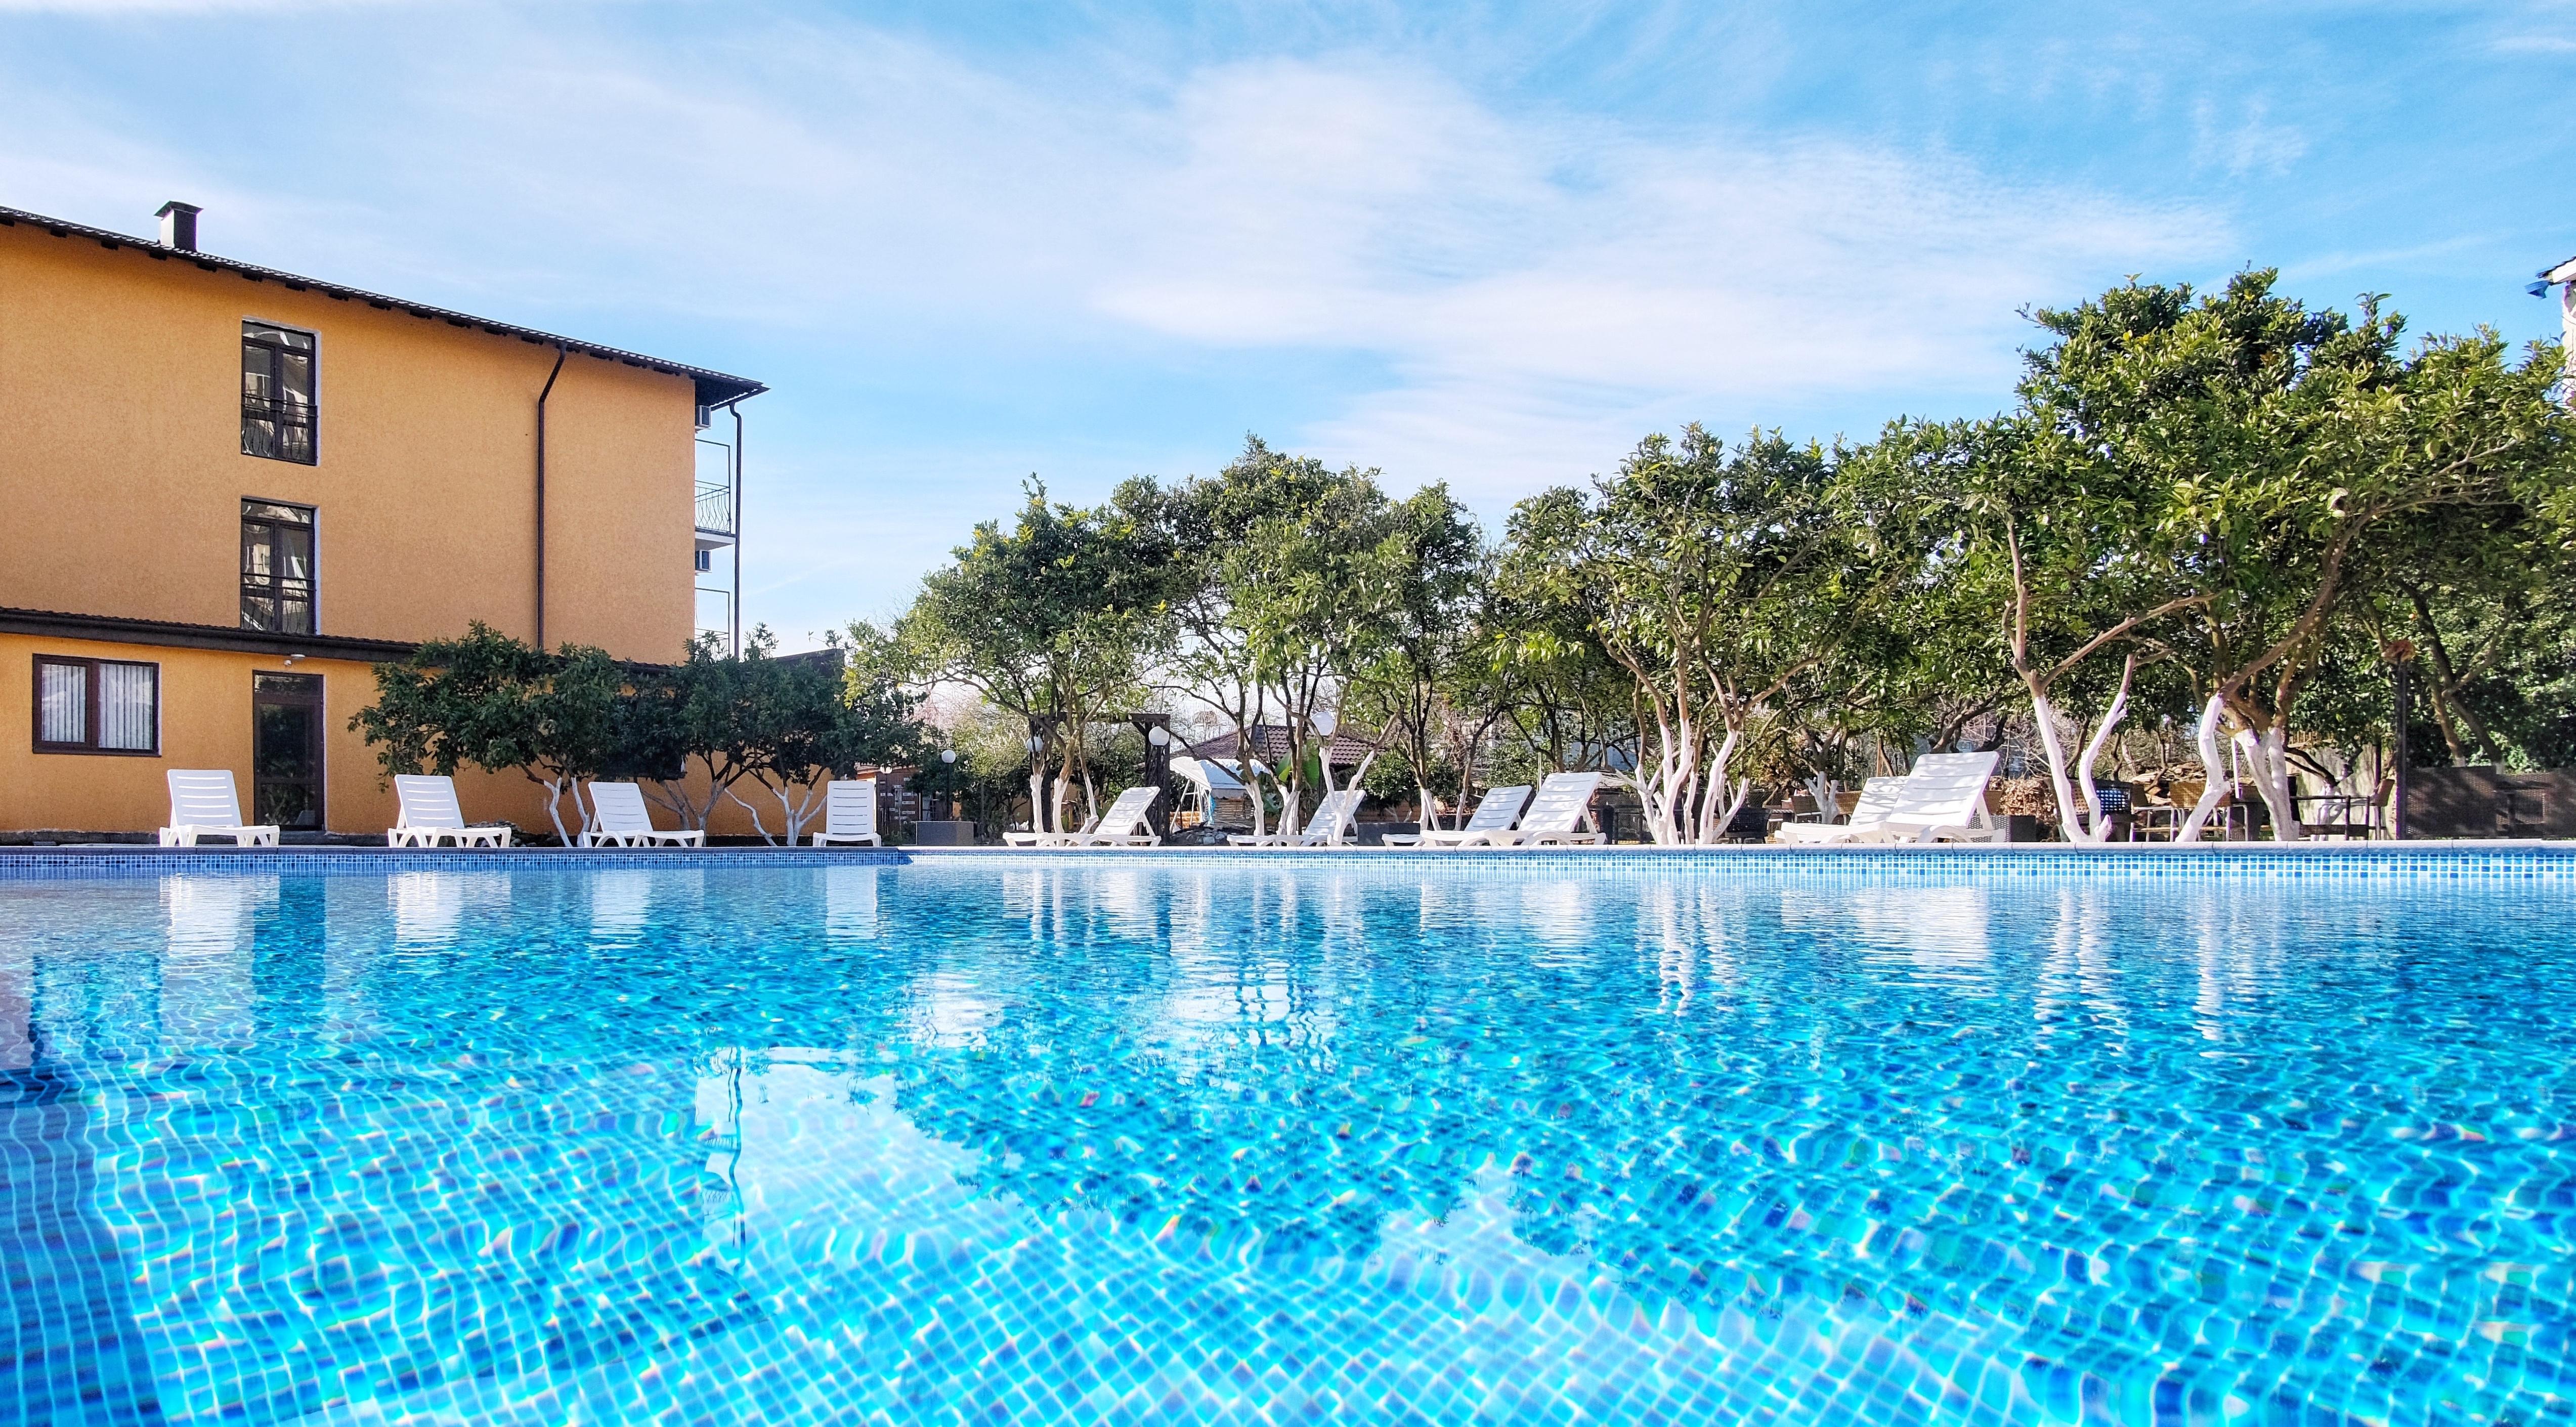 Отель ПАПА бассейн и внутренний двор